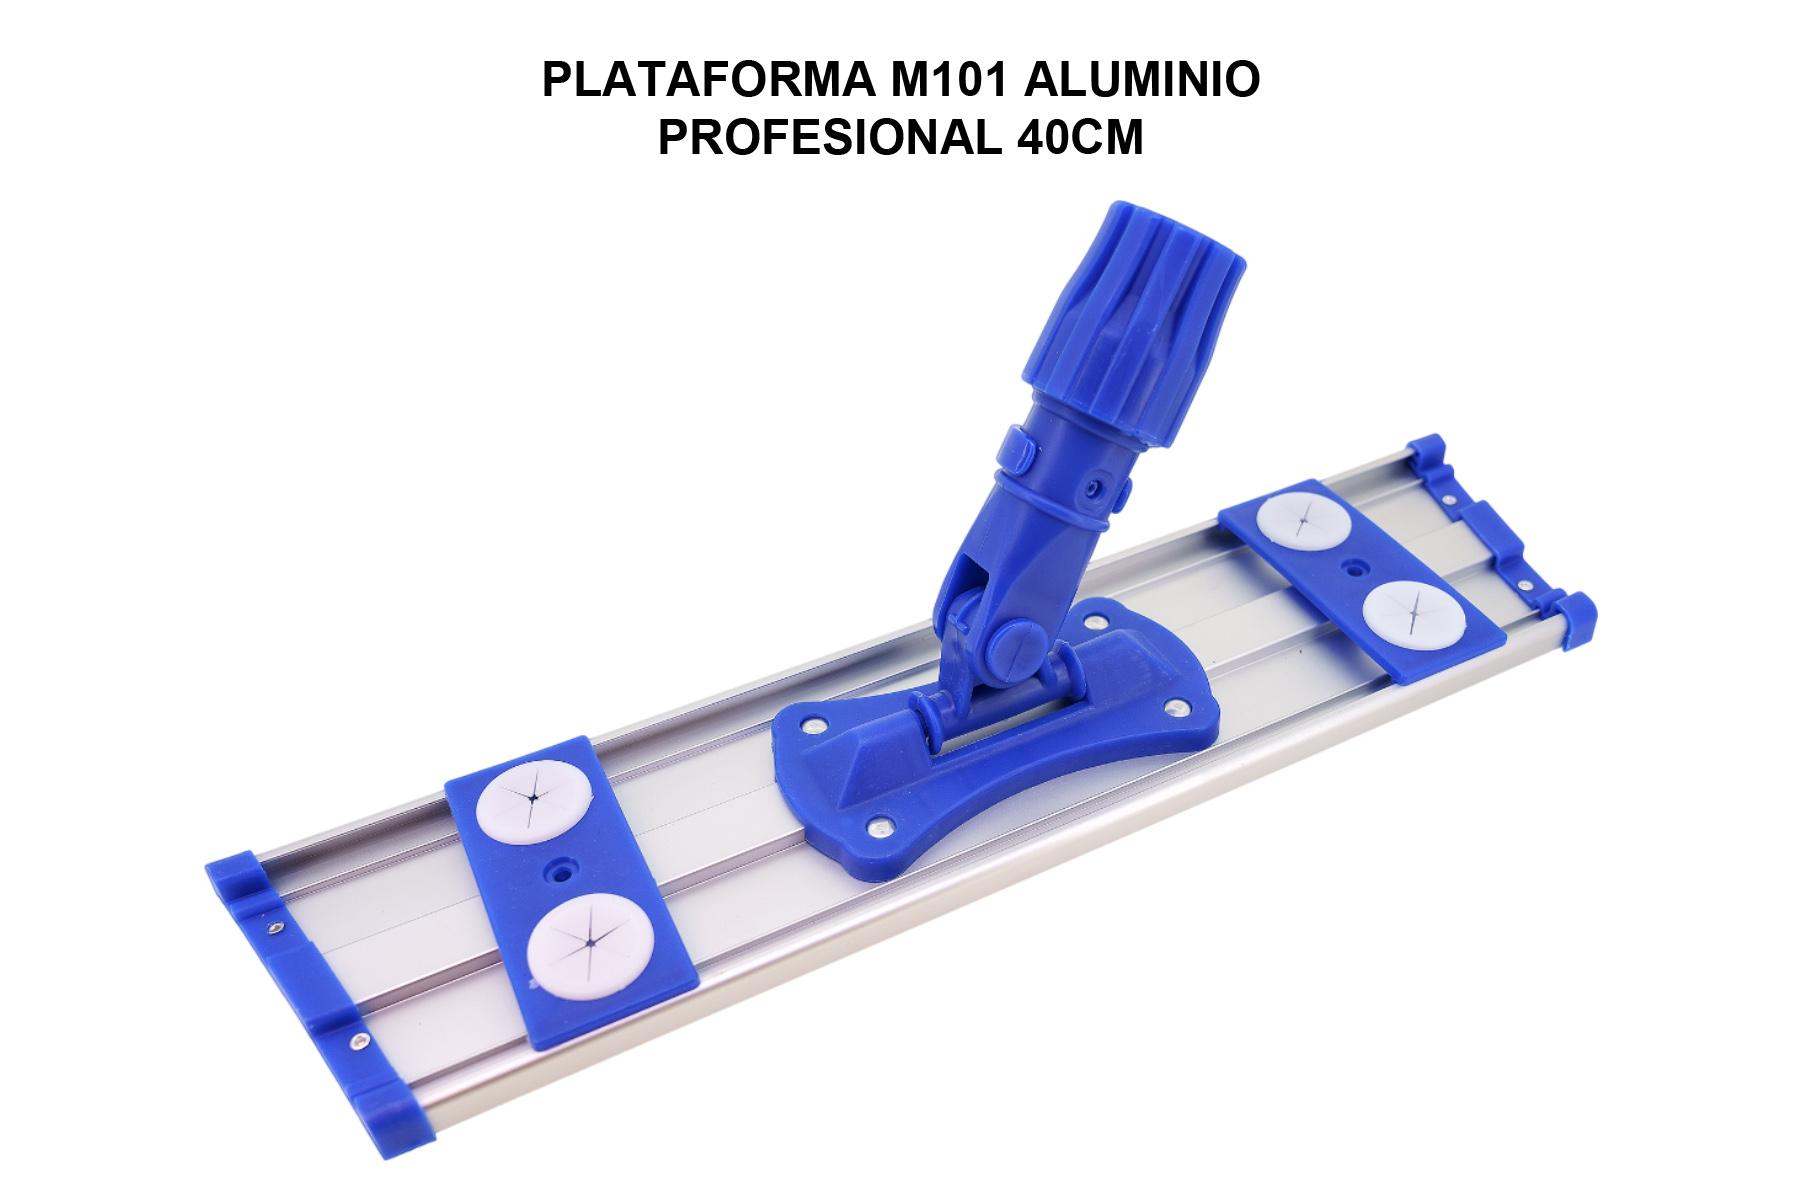 PLATAFORMA M101 ALUMINIO PROFESIONAL 40CM